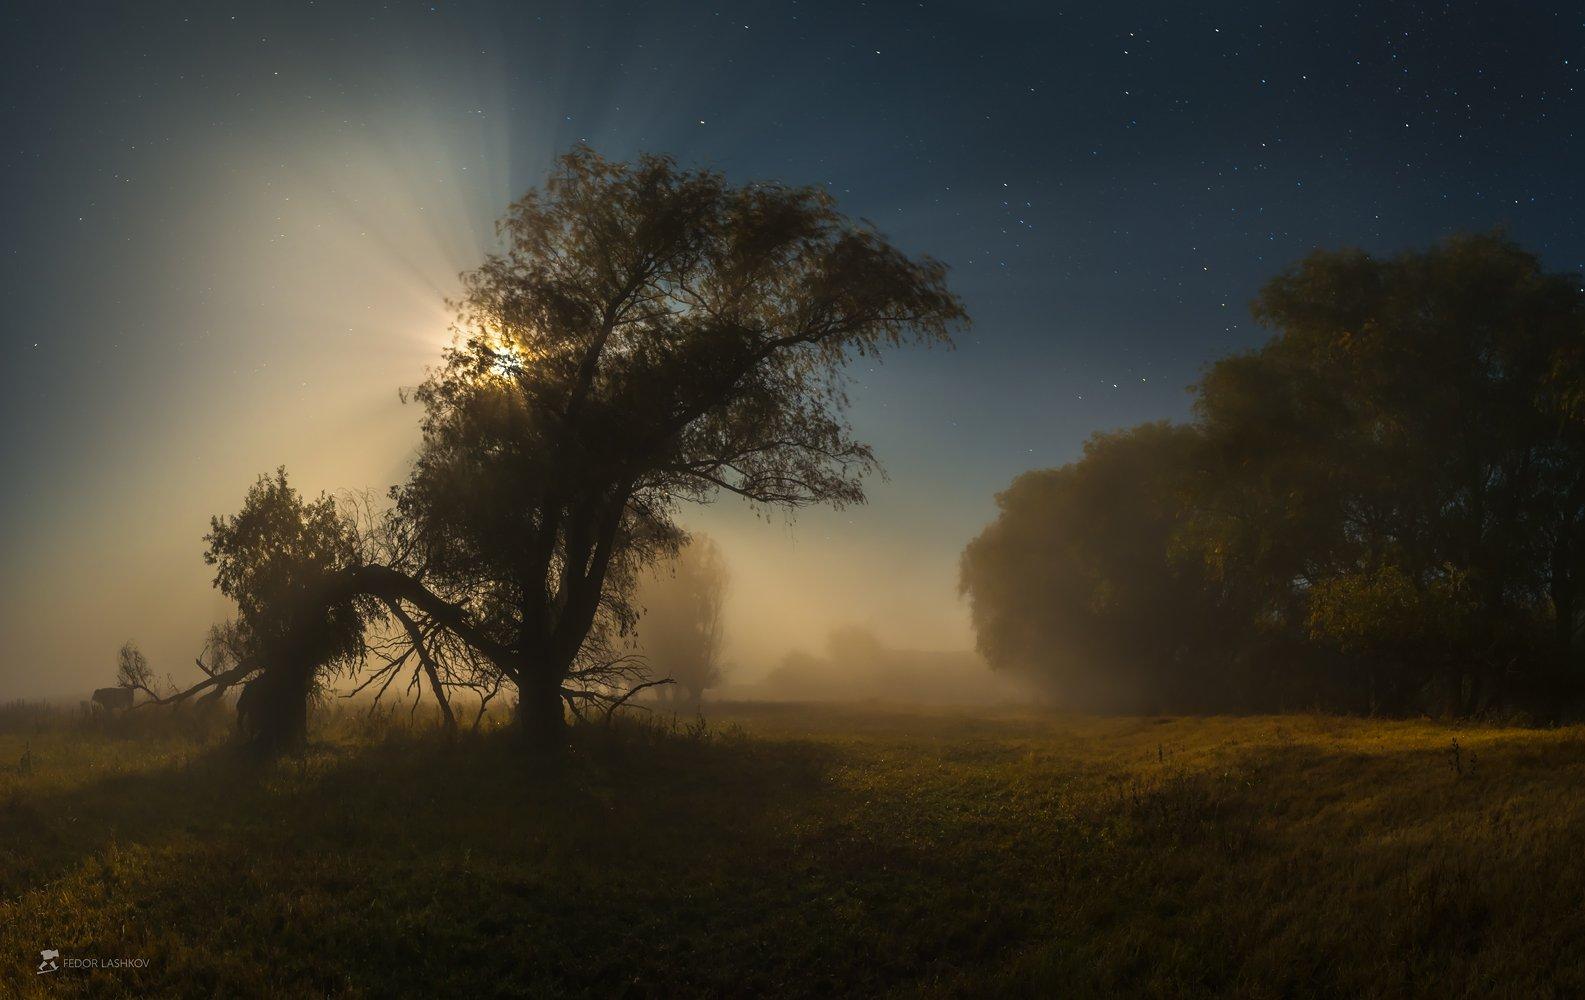 pentax645z, pentax, астраханская область, ночь, полнолунье, луна, лучи, туман, ива, дерево, деревья, магия, свет,, Лашков Фёдор